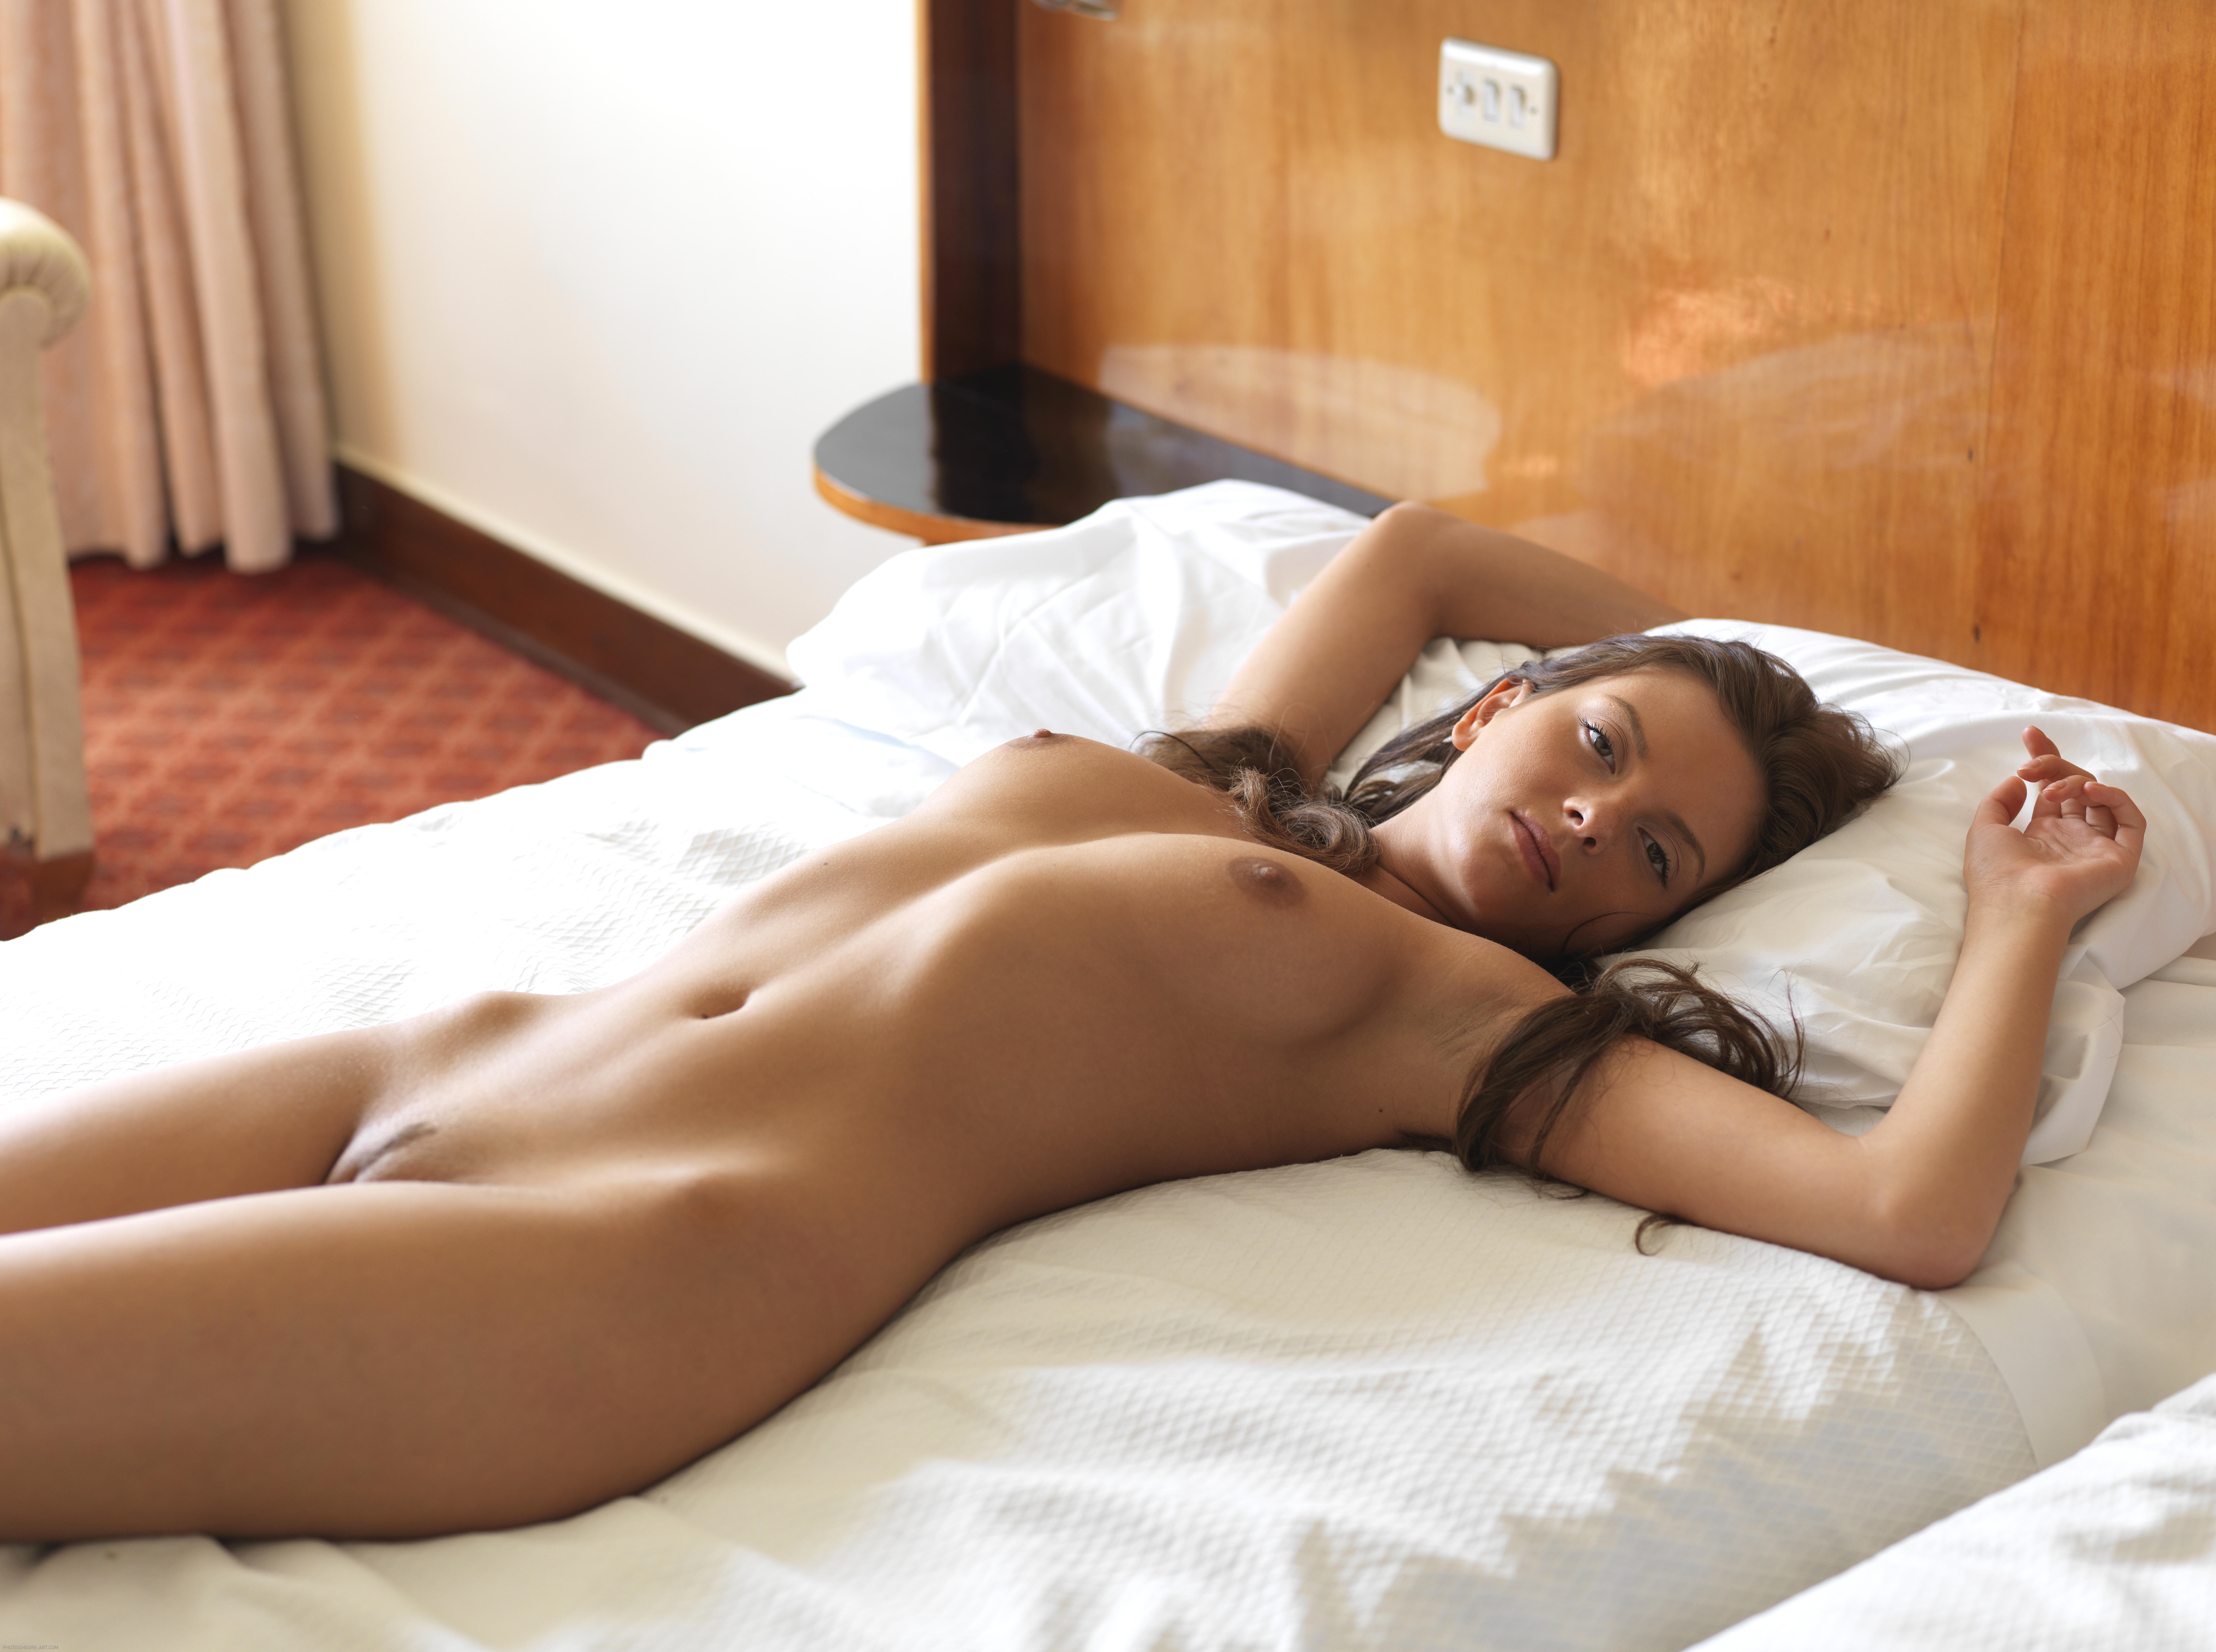 массаж такими эротика спящих девушек фото смуглый волосатый